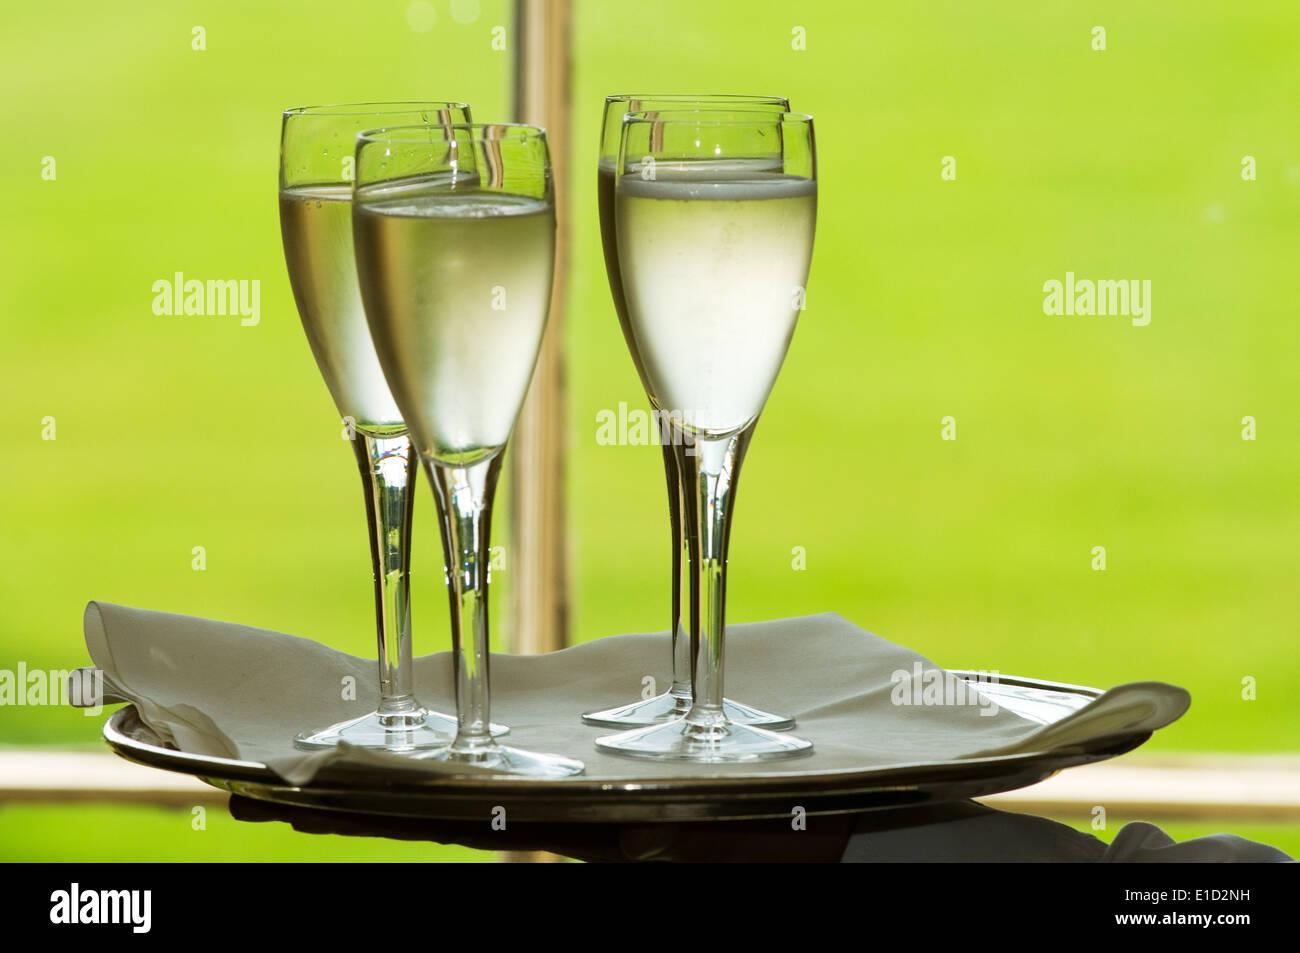 """Sektflöte """"Soirée"""" Flöten Glas Gläser Sekt Silber-Service Feier feiern Tablett mit Getränke Alkohol Trinker dri Stockbild"""